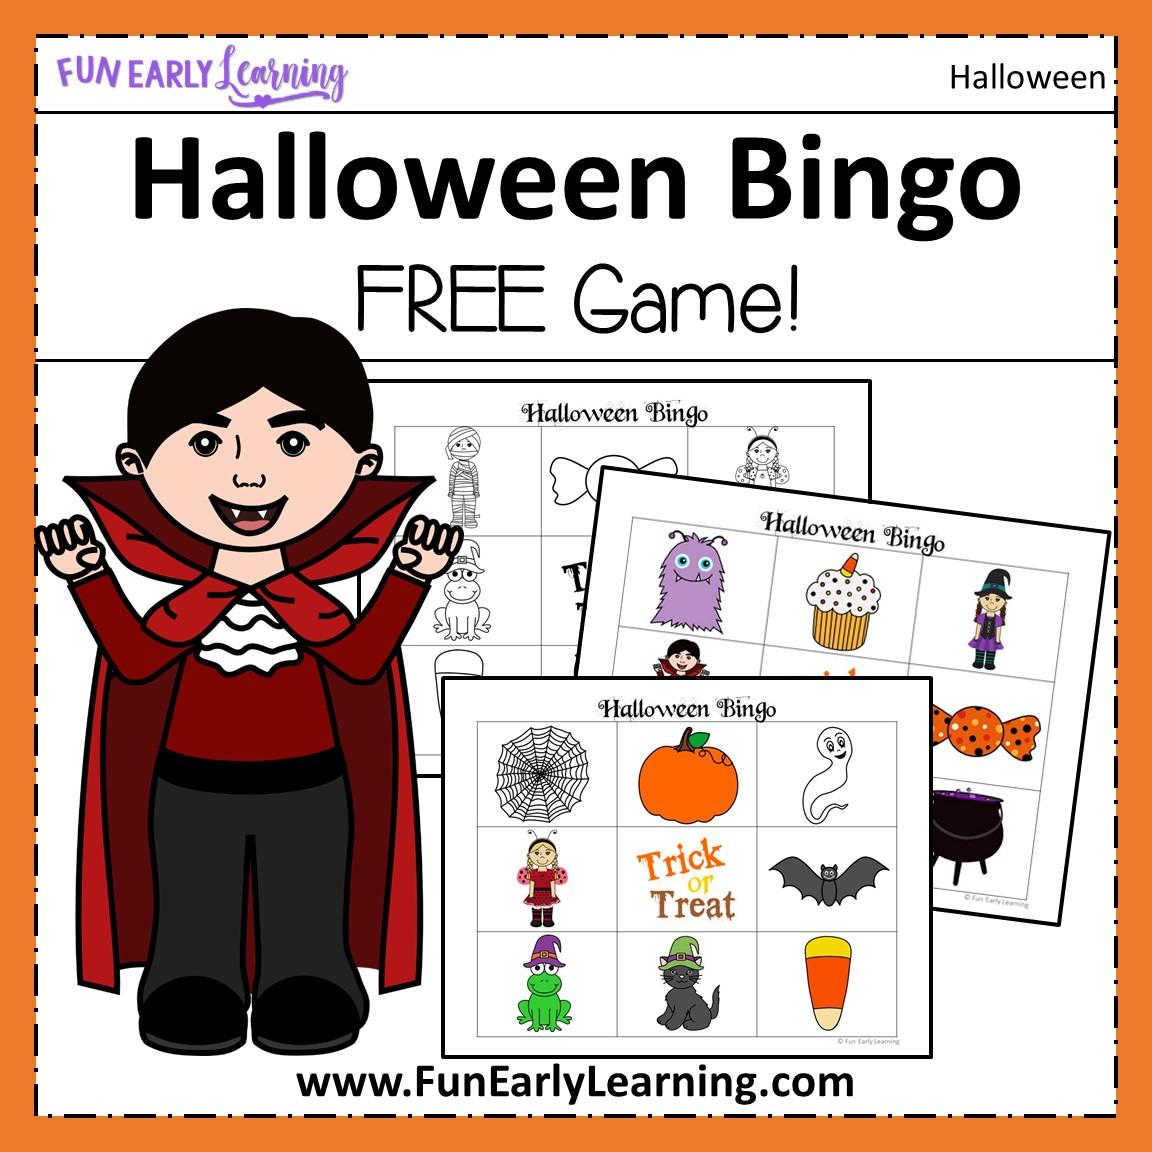 Halloween Bingo Free Printable For Preschool And Kindergarten